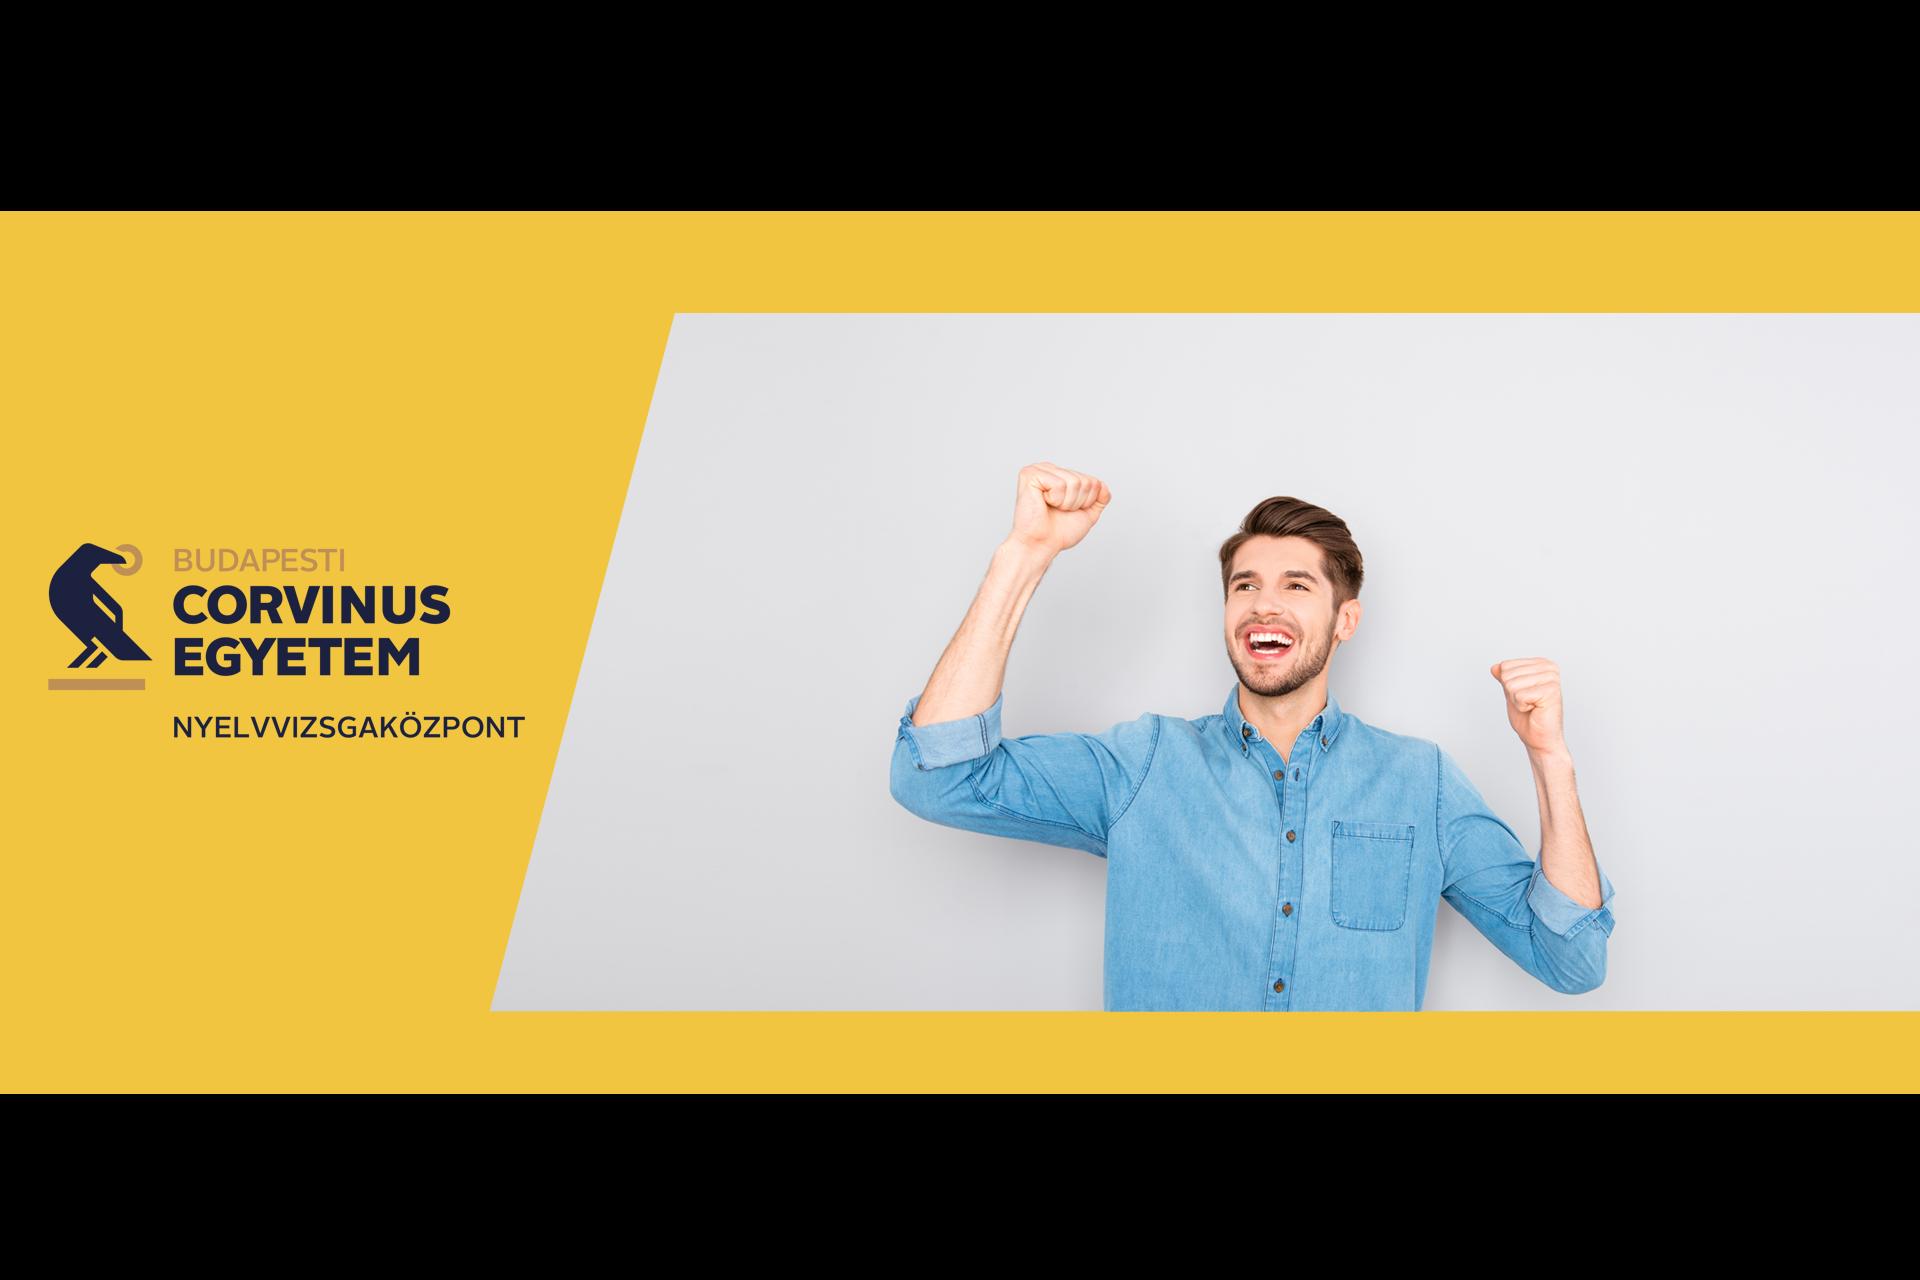 Corvinus-Nyelvvizsgaközpont-sikeres-vizsgadíj-visszatérítése